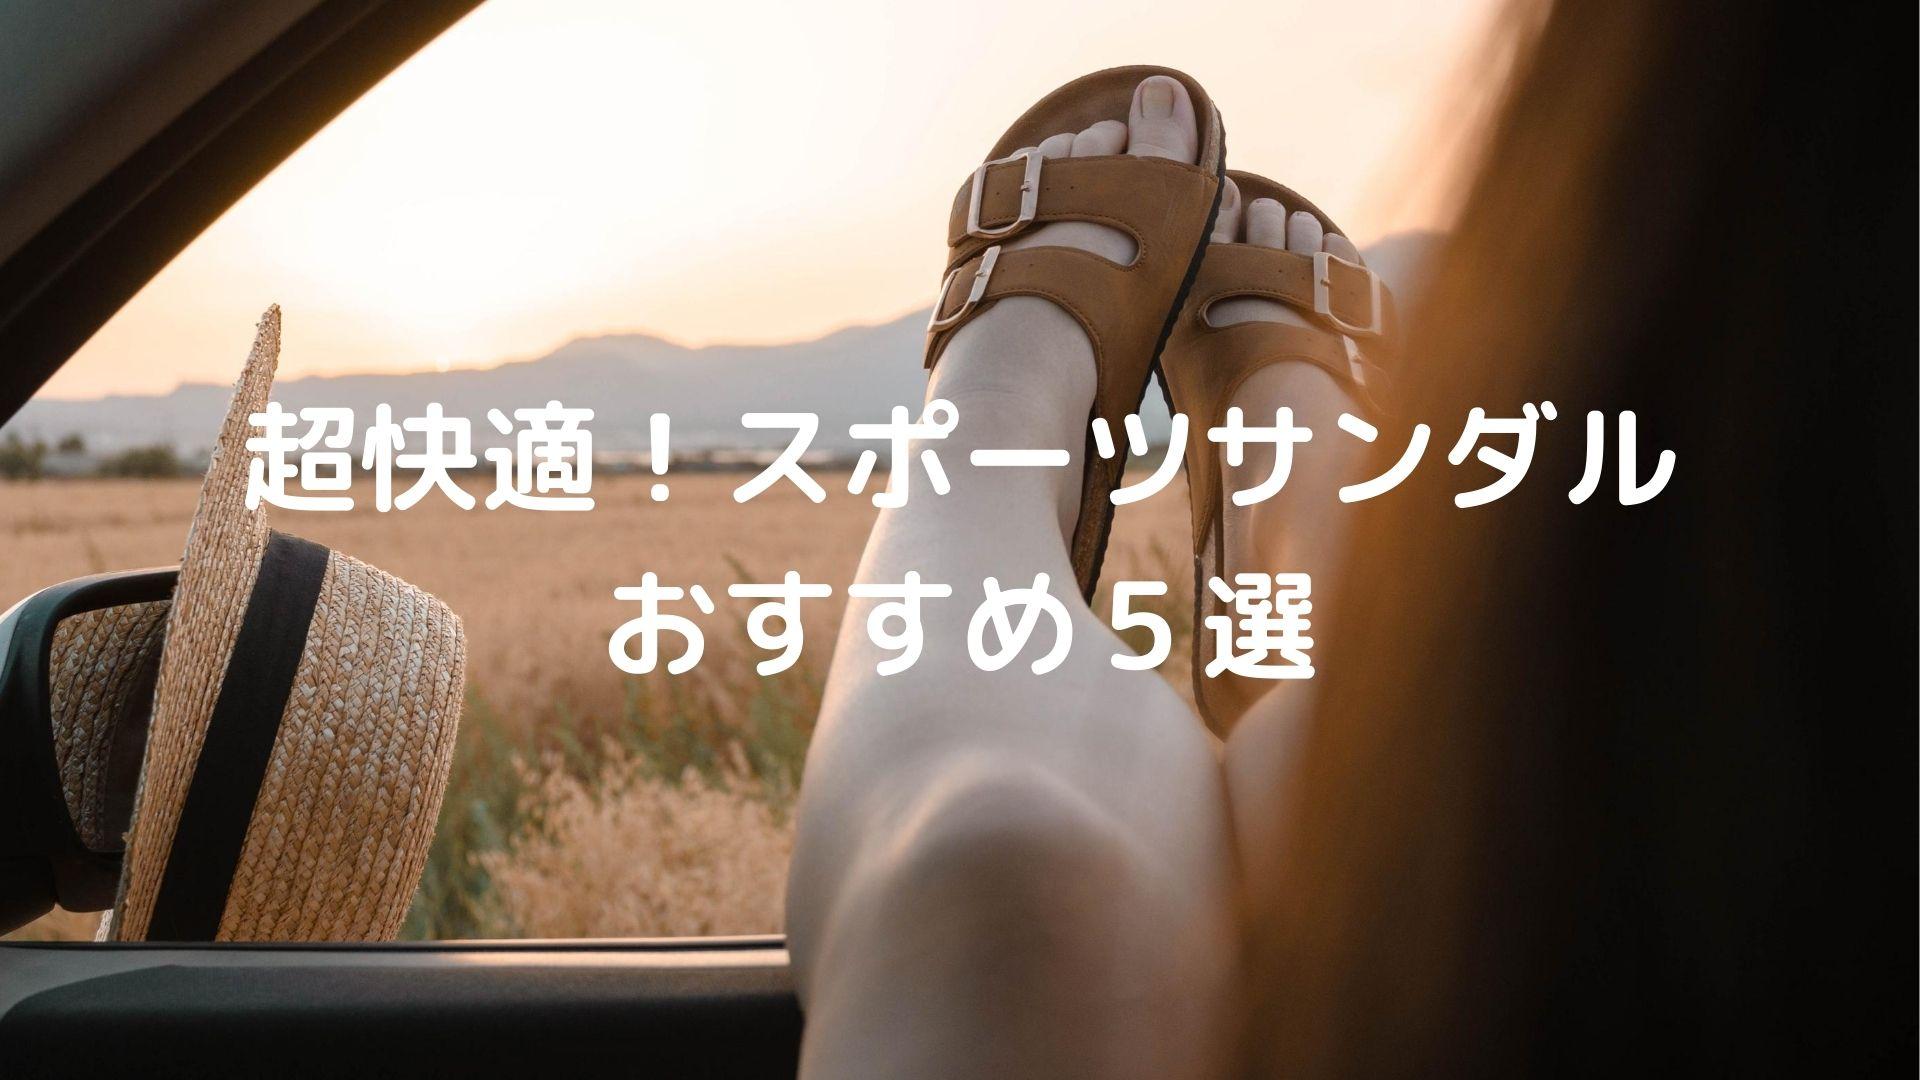 サンダルをはいた女性の足